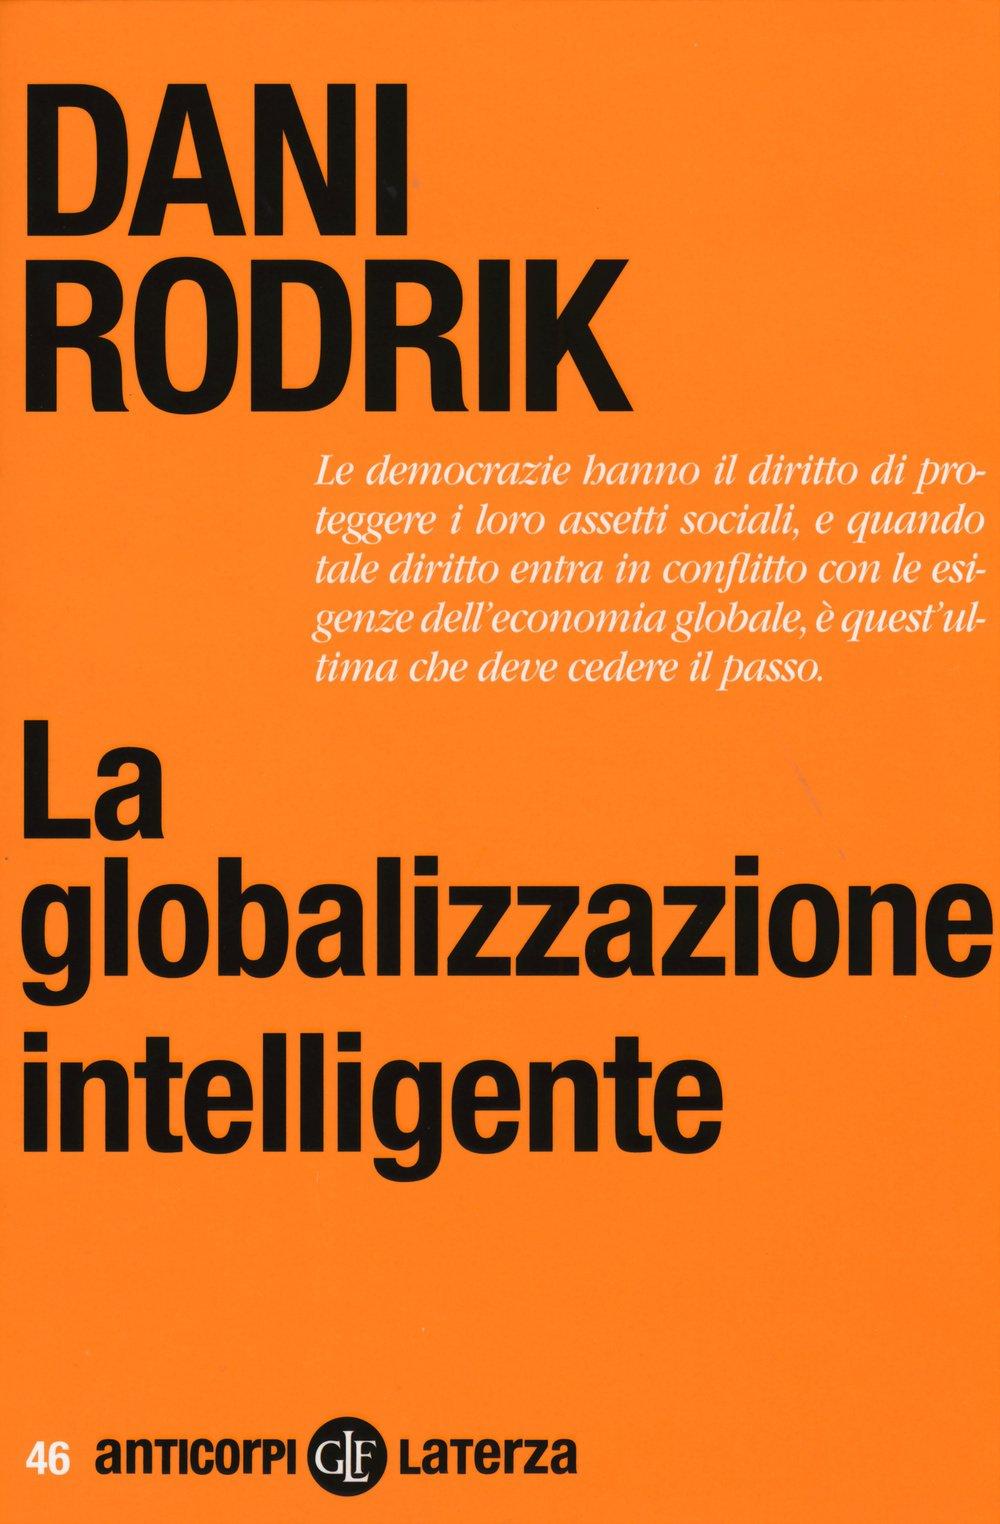 La globalizzazione intelligente Copertina flessibile – 16 apr 2015 Dani Rodrik N. Cafiero Laterza 8858106776